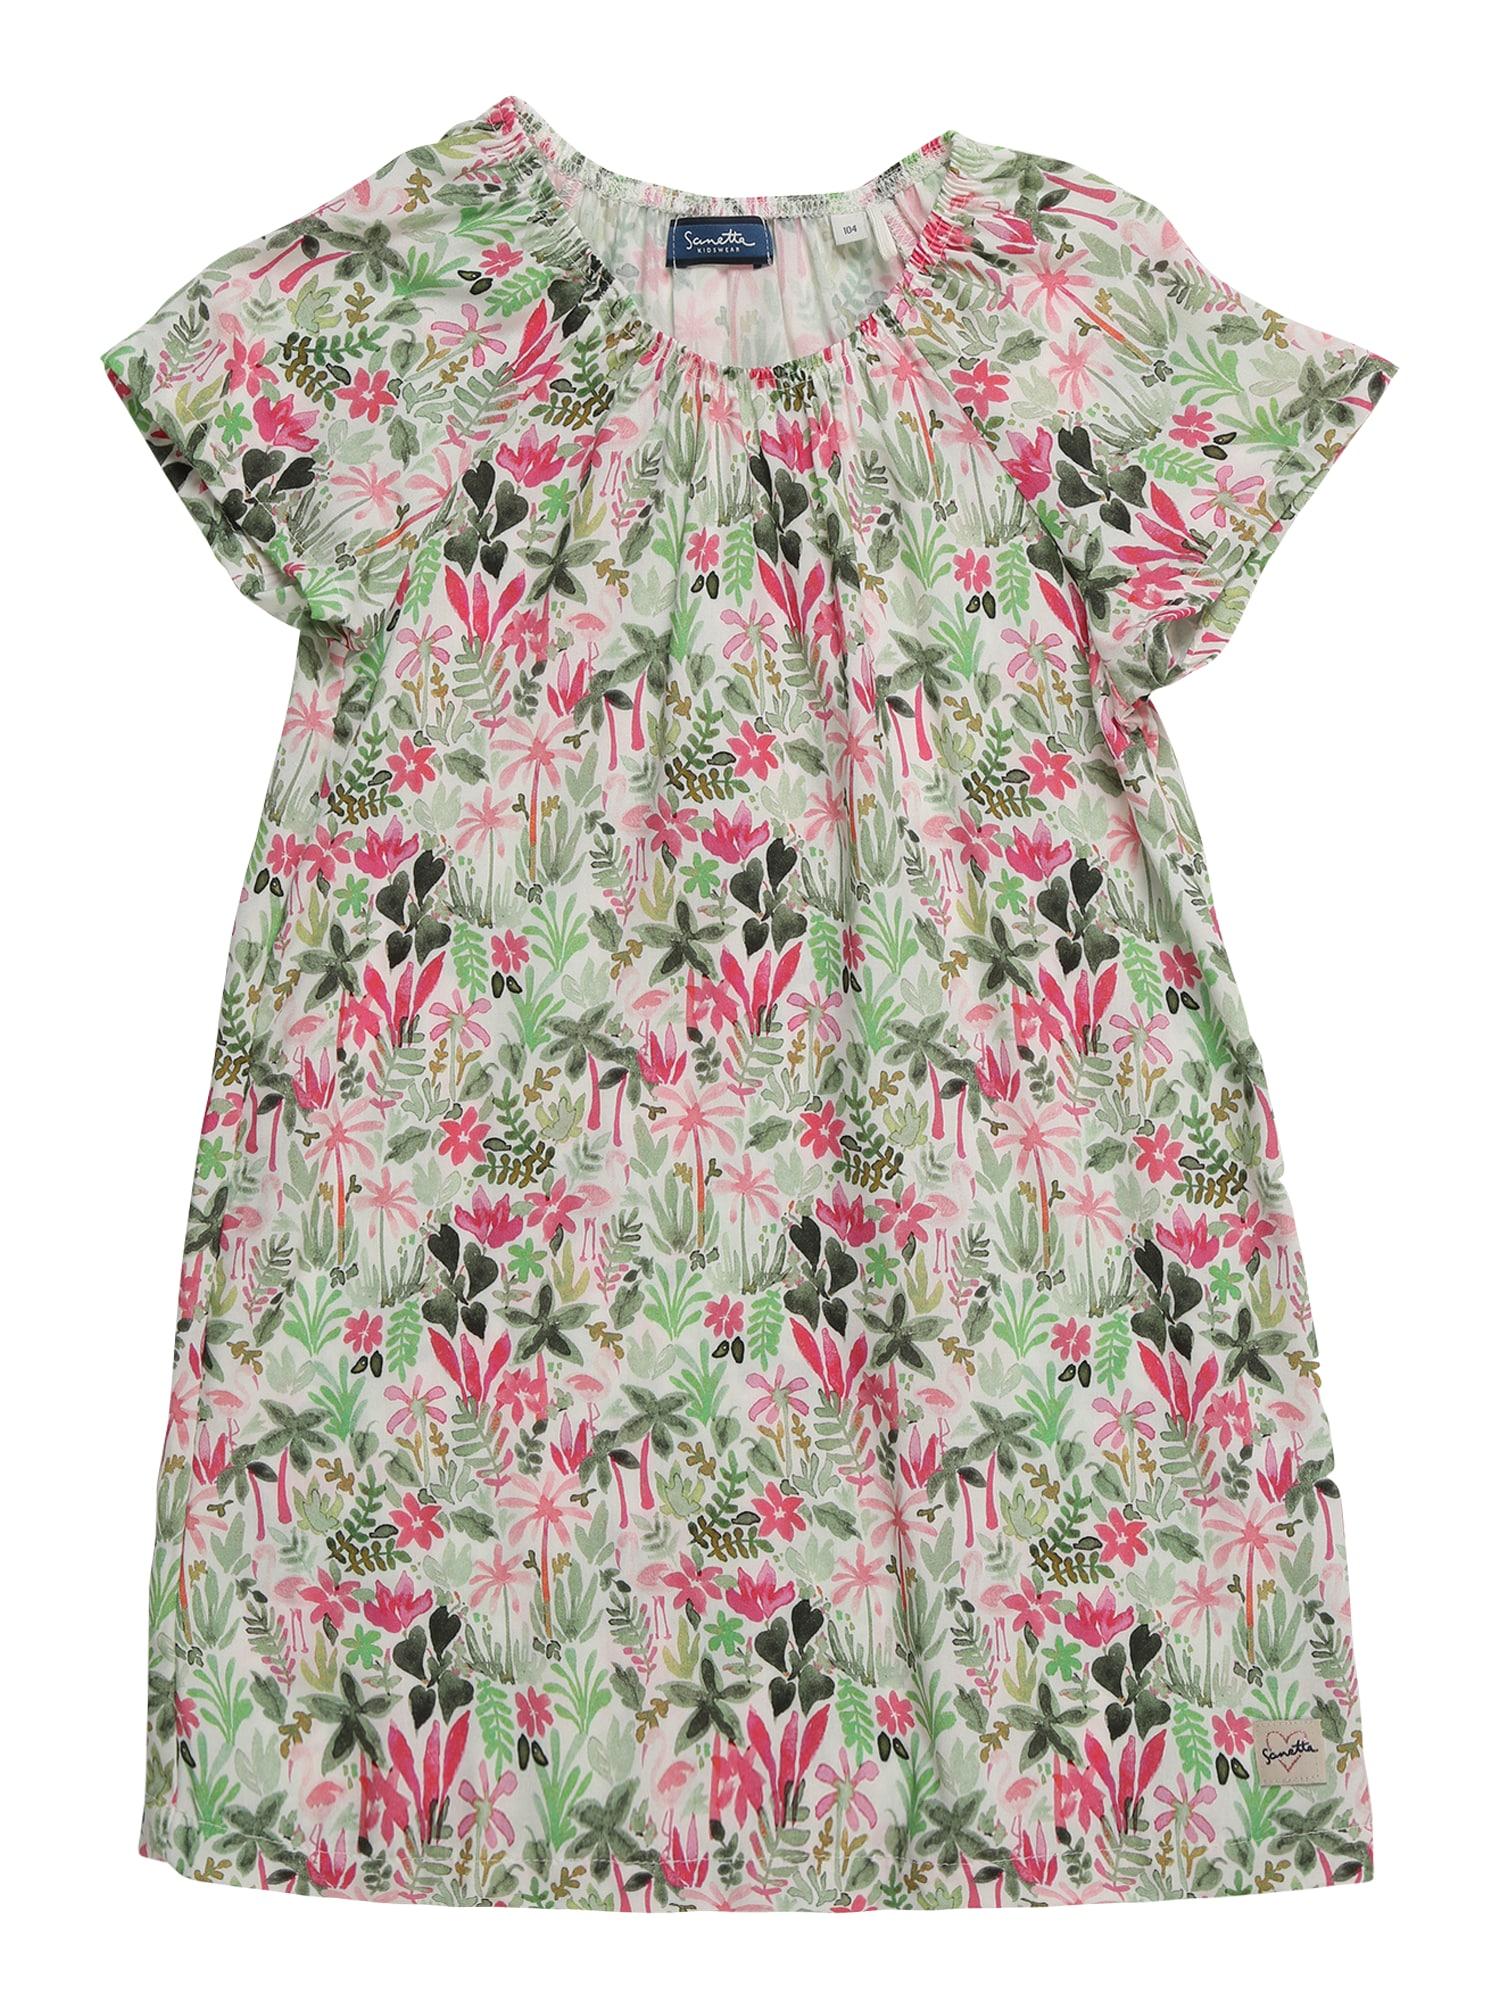 Šaty Dress slonová kost zelená růžová Sanetta Kidswear